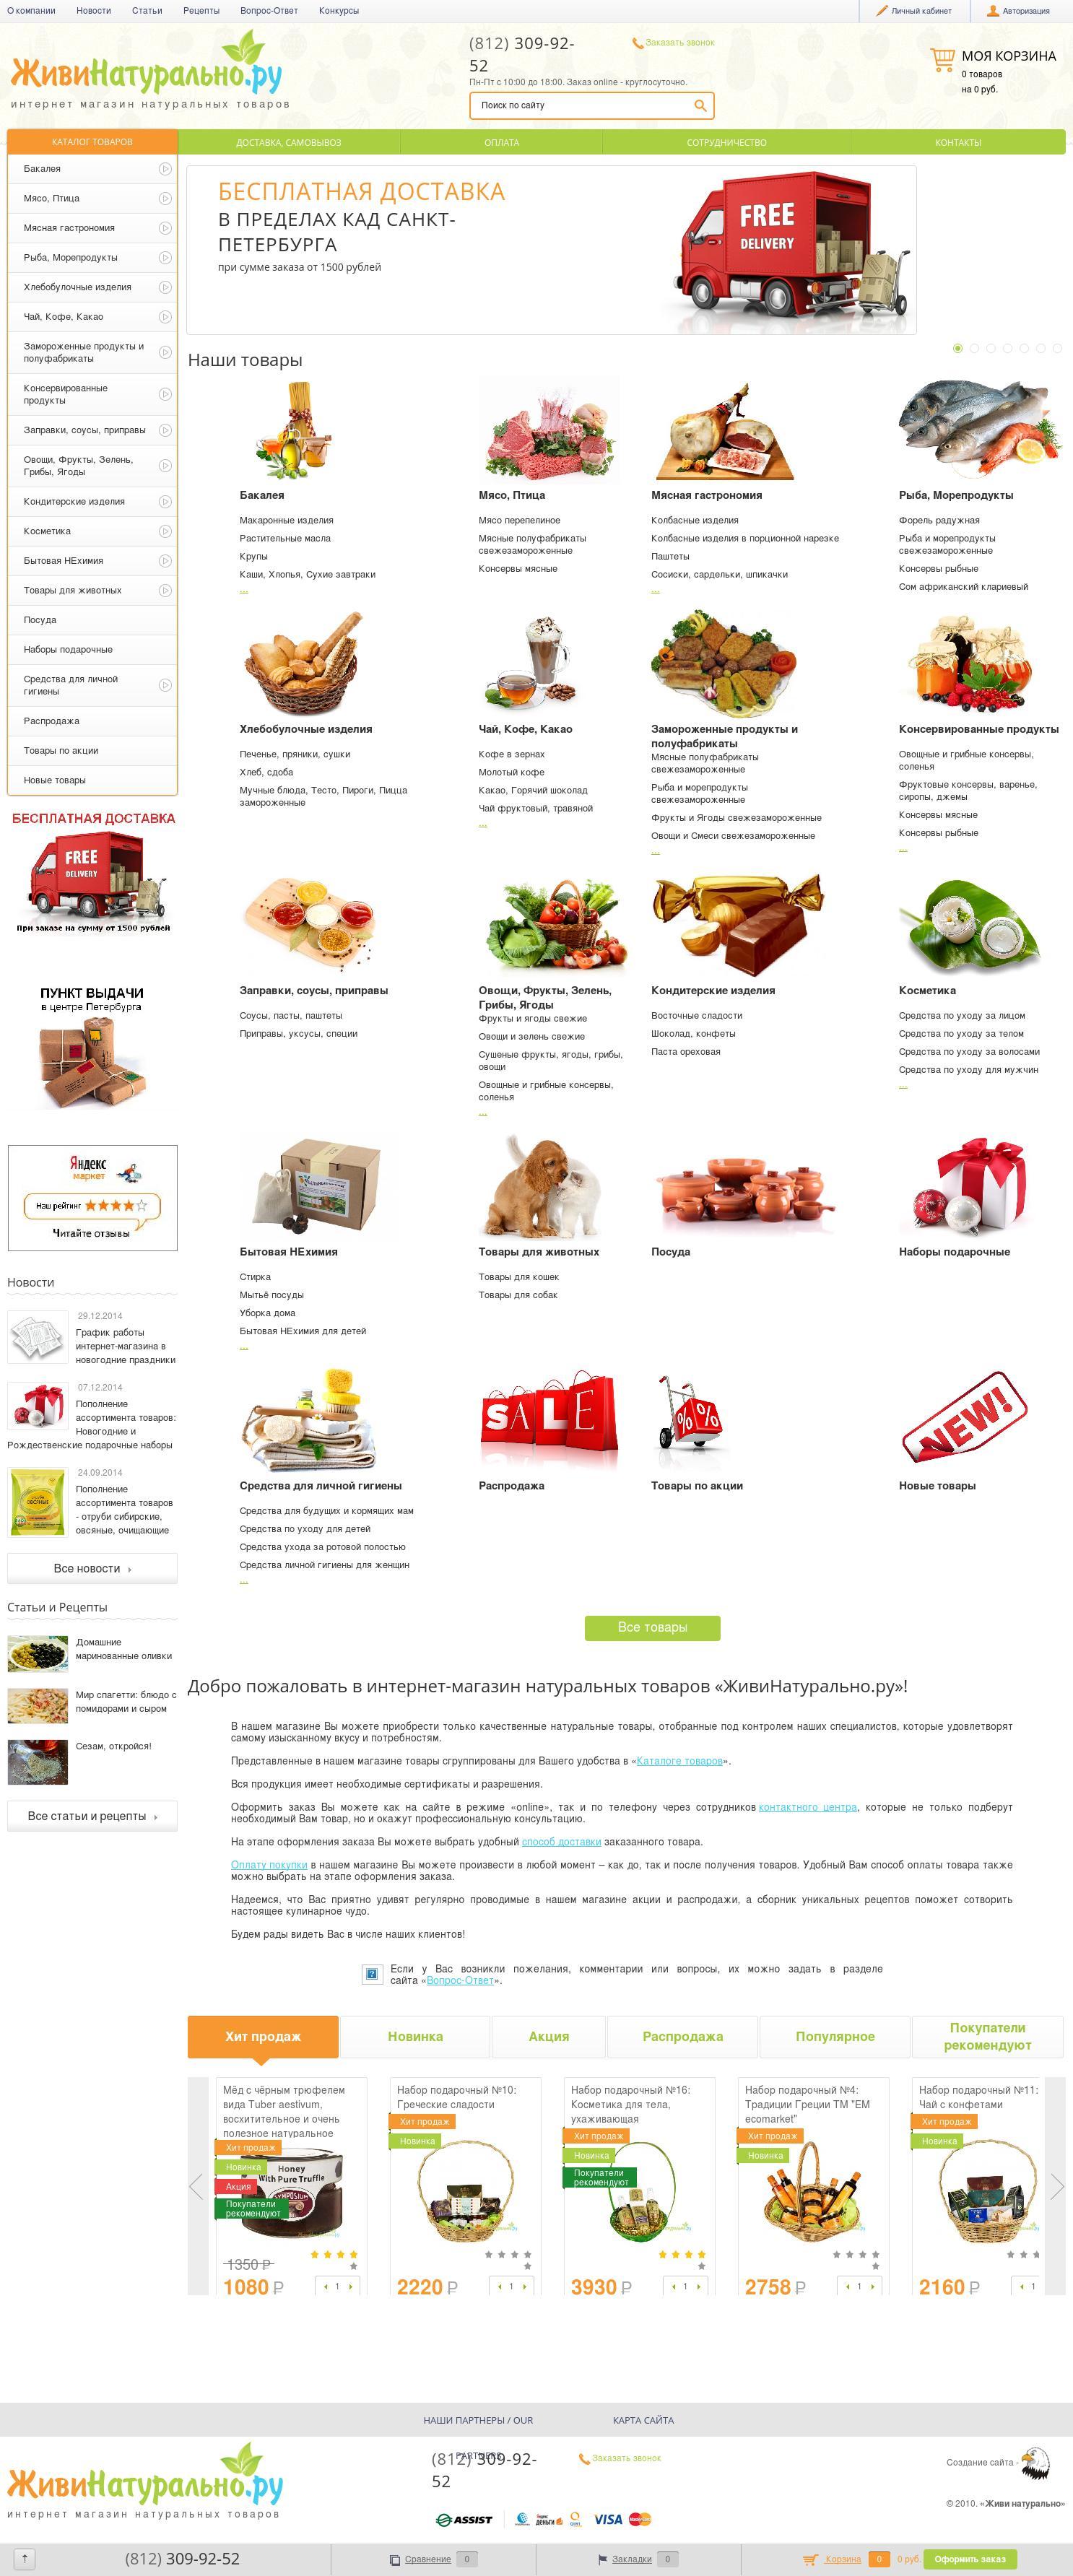 Интернет-магазин под ключ zhivinaturalno.ru + Интеграция с 1С Предприятие 8 (Битрикс Бизнес)